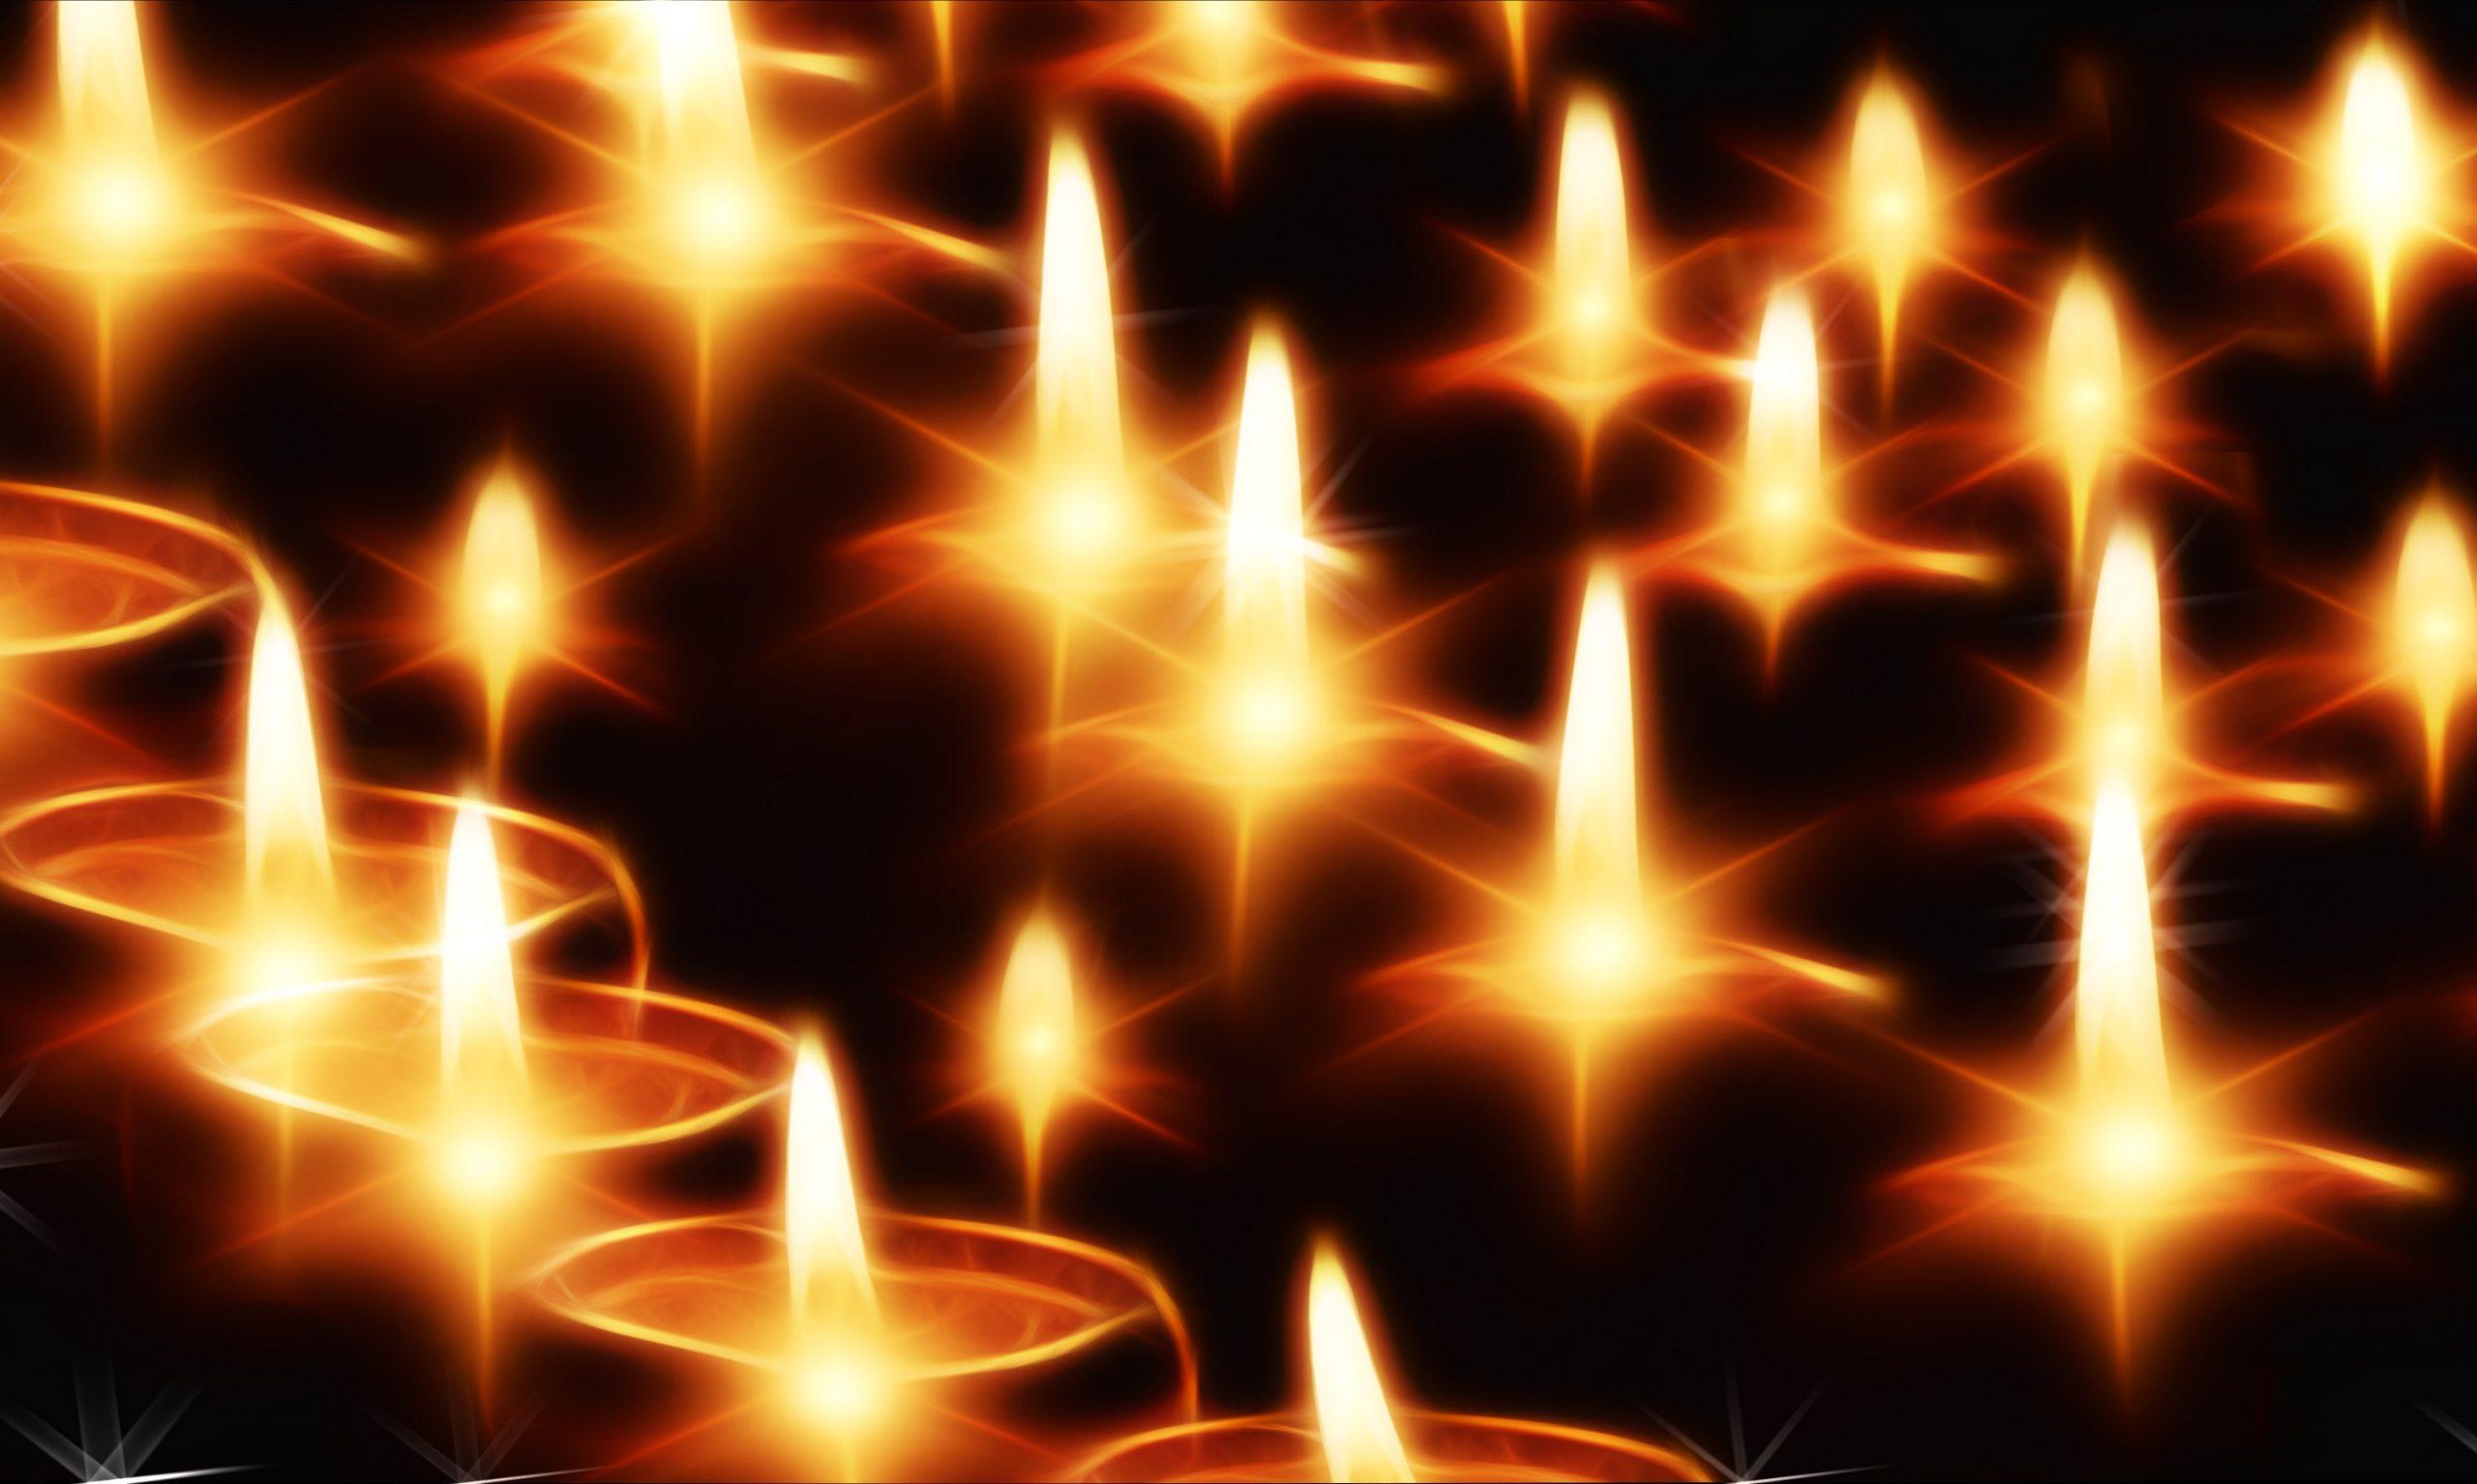 los_cementerios_se_preparan_para_la_festividad_de_todos_los_santos